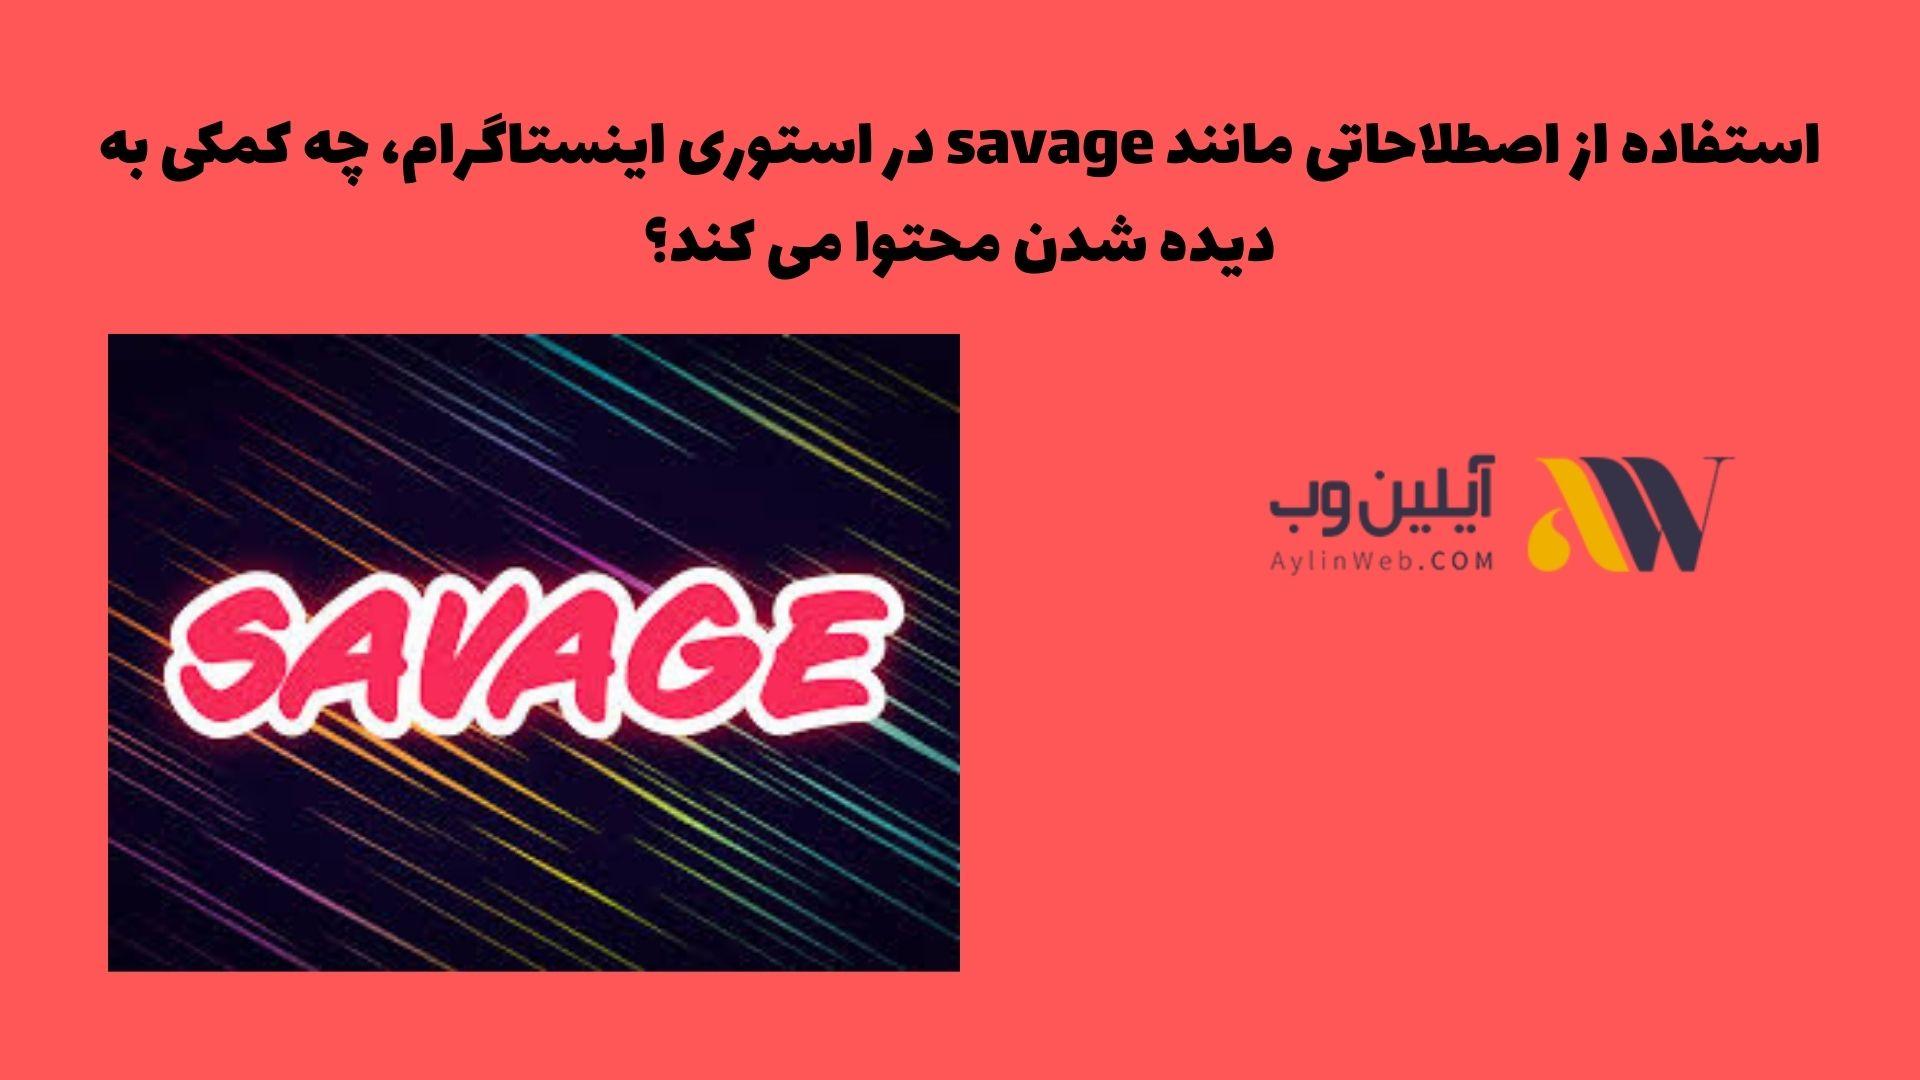 استفاده از اصطلاحاتی مانند savage در استوری اینستاگرام، چه کمکی به دیده شدن محتوا می کند؟